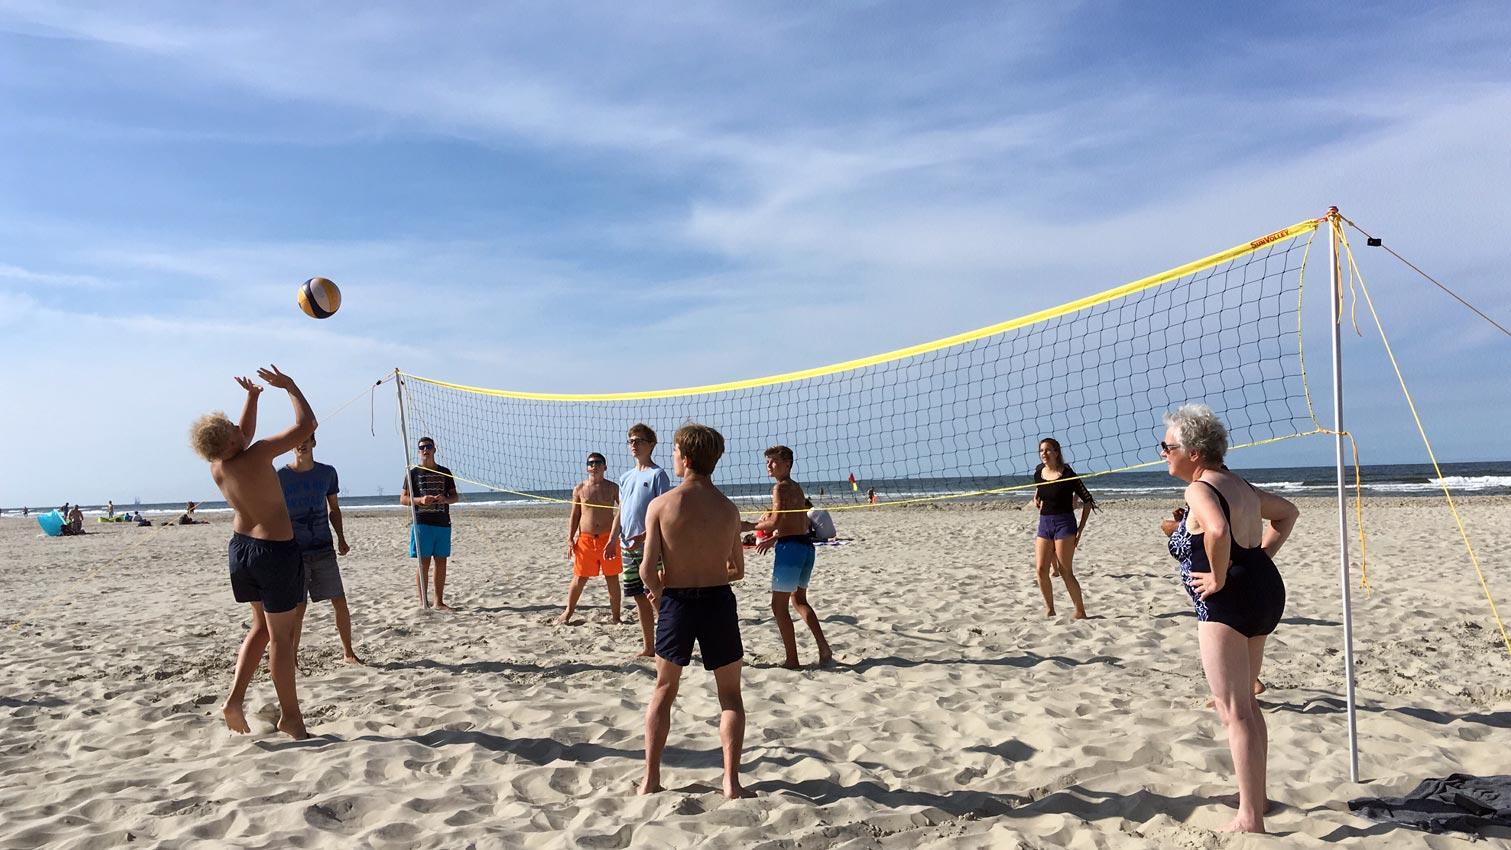 Volleyball am Strand | Foto: Imke Krüger/CJD Oberurff